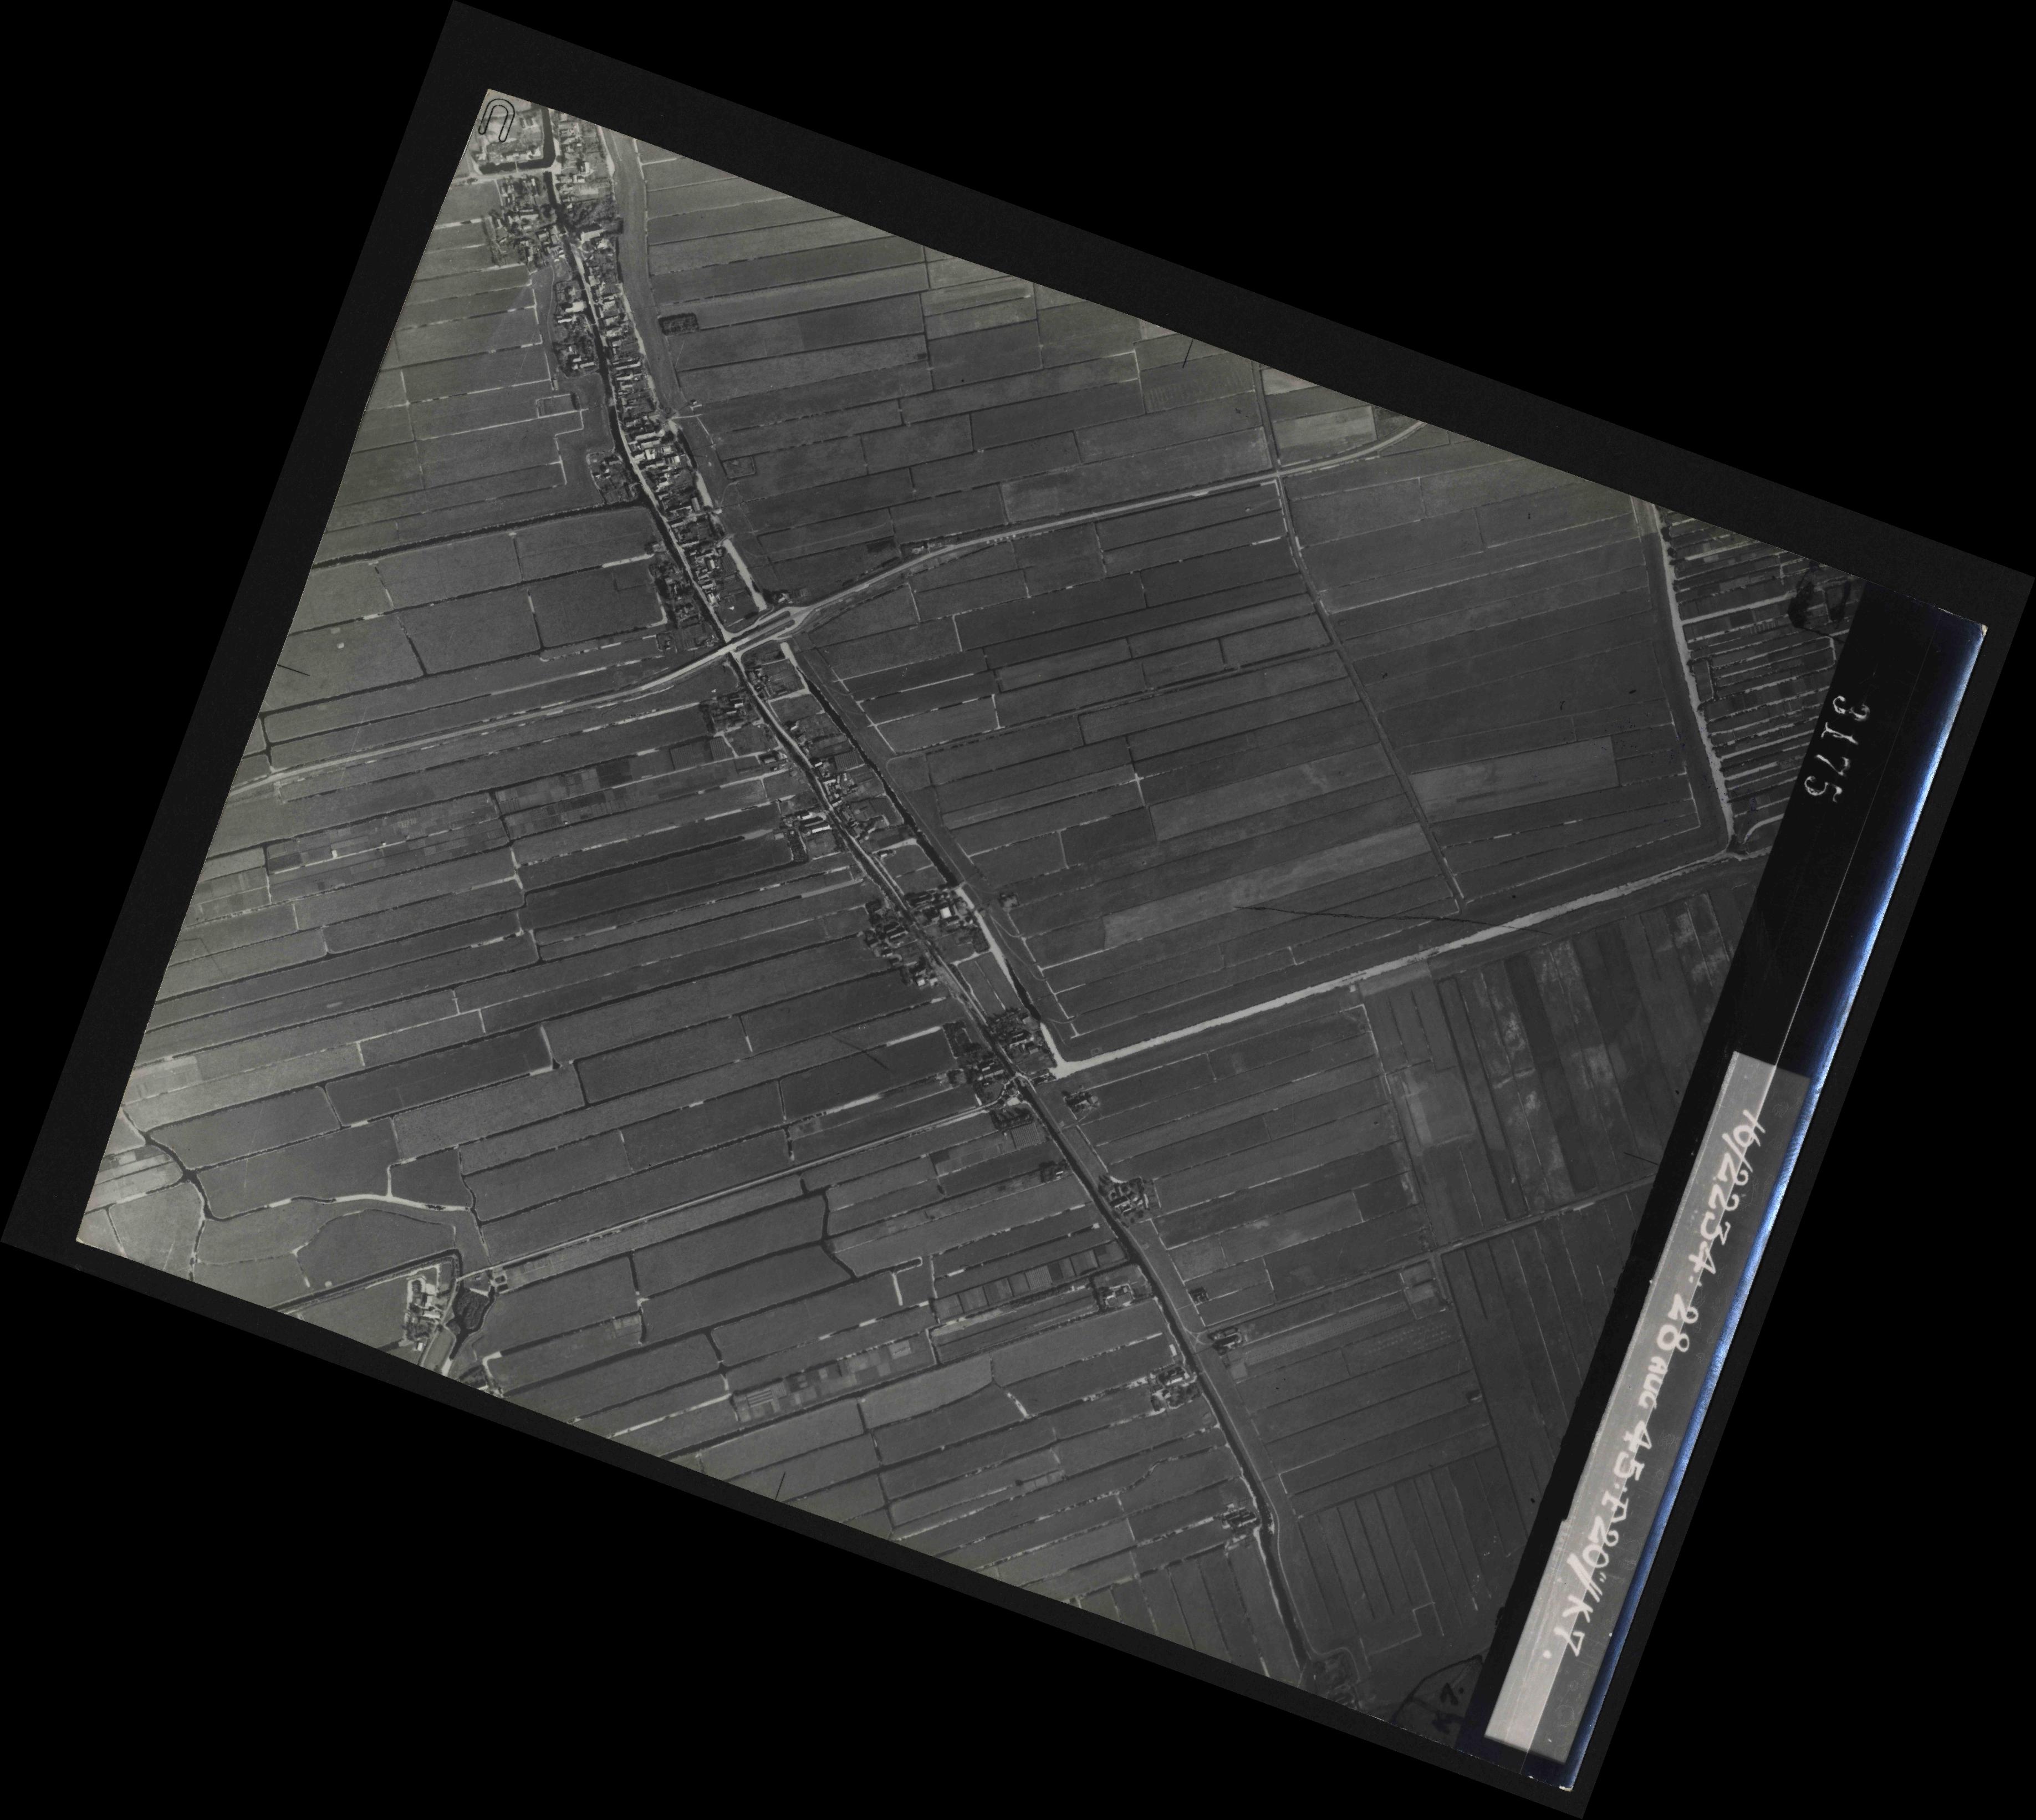 Collection RAF aerial photos 1940-1945 - flight 031, run 02, photo 3175